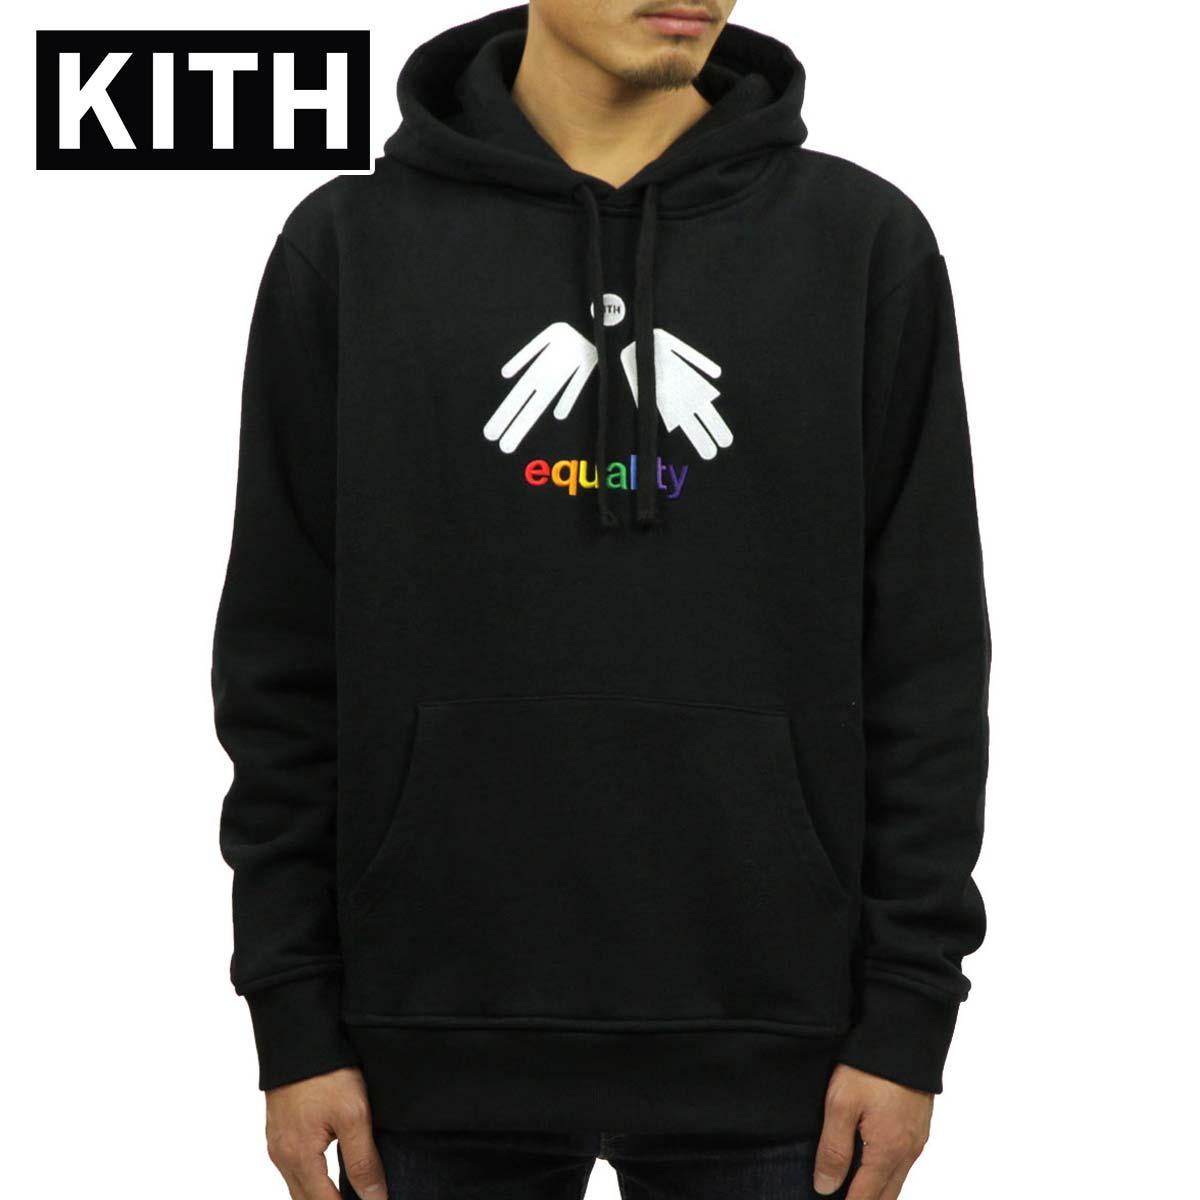 キス KITH 正規品 メンズ プルオーバーパーカー KITH EQUALITY HOODIE KH2227-100 BLACK